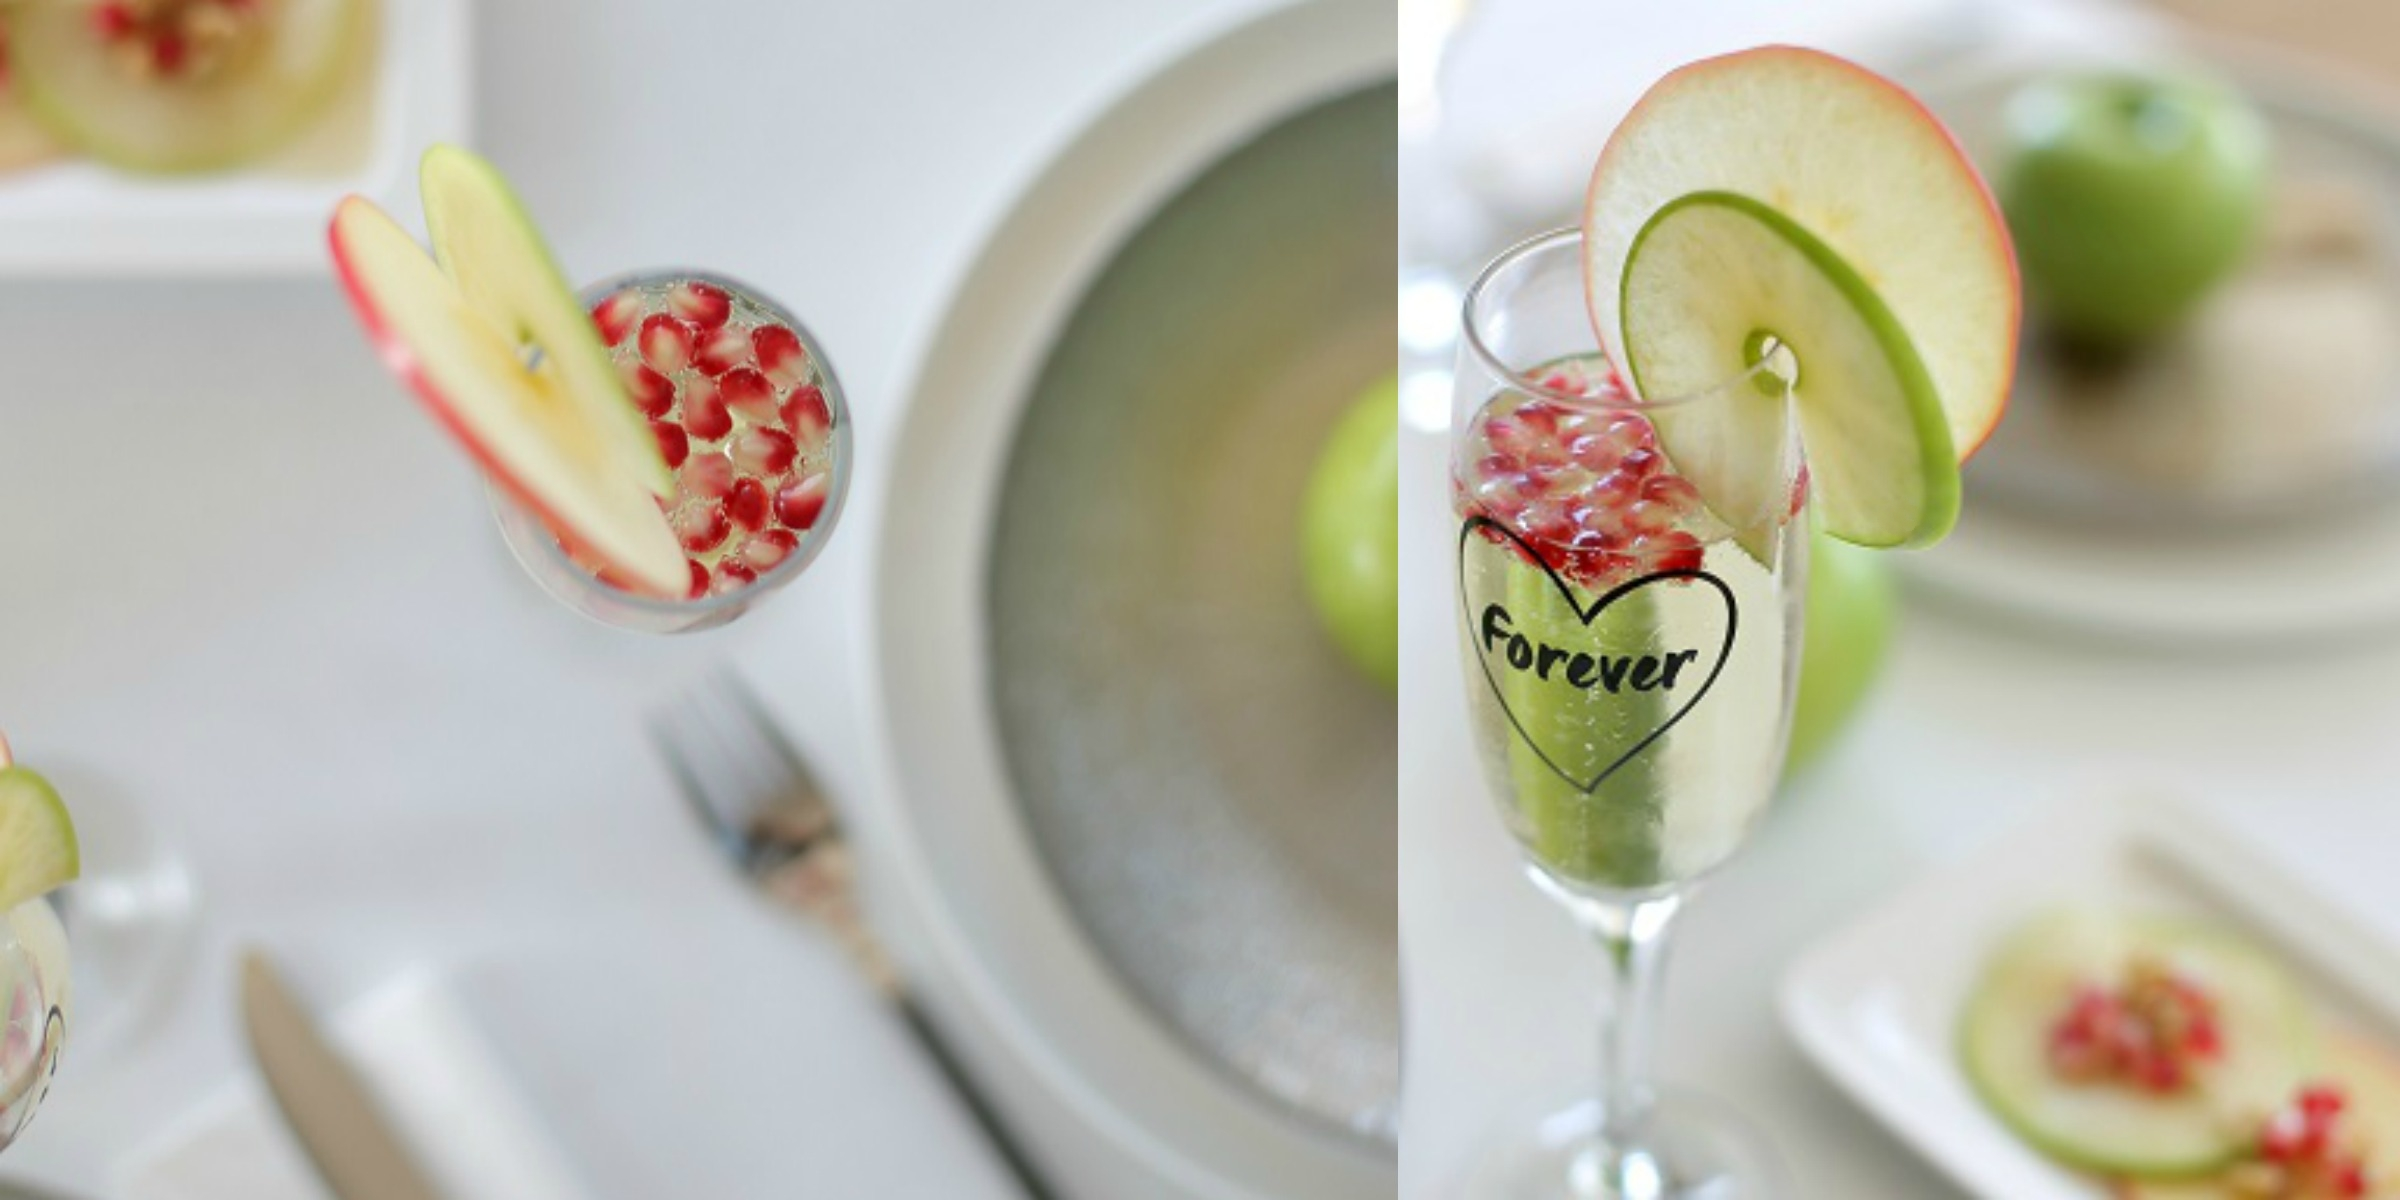 כוסית שמפניה מקושטת לראש השנה - אירוח בסטייל EshetStyle (צילום: טליה הדר)